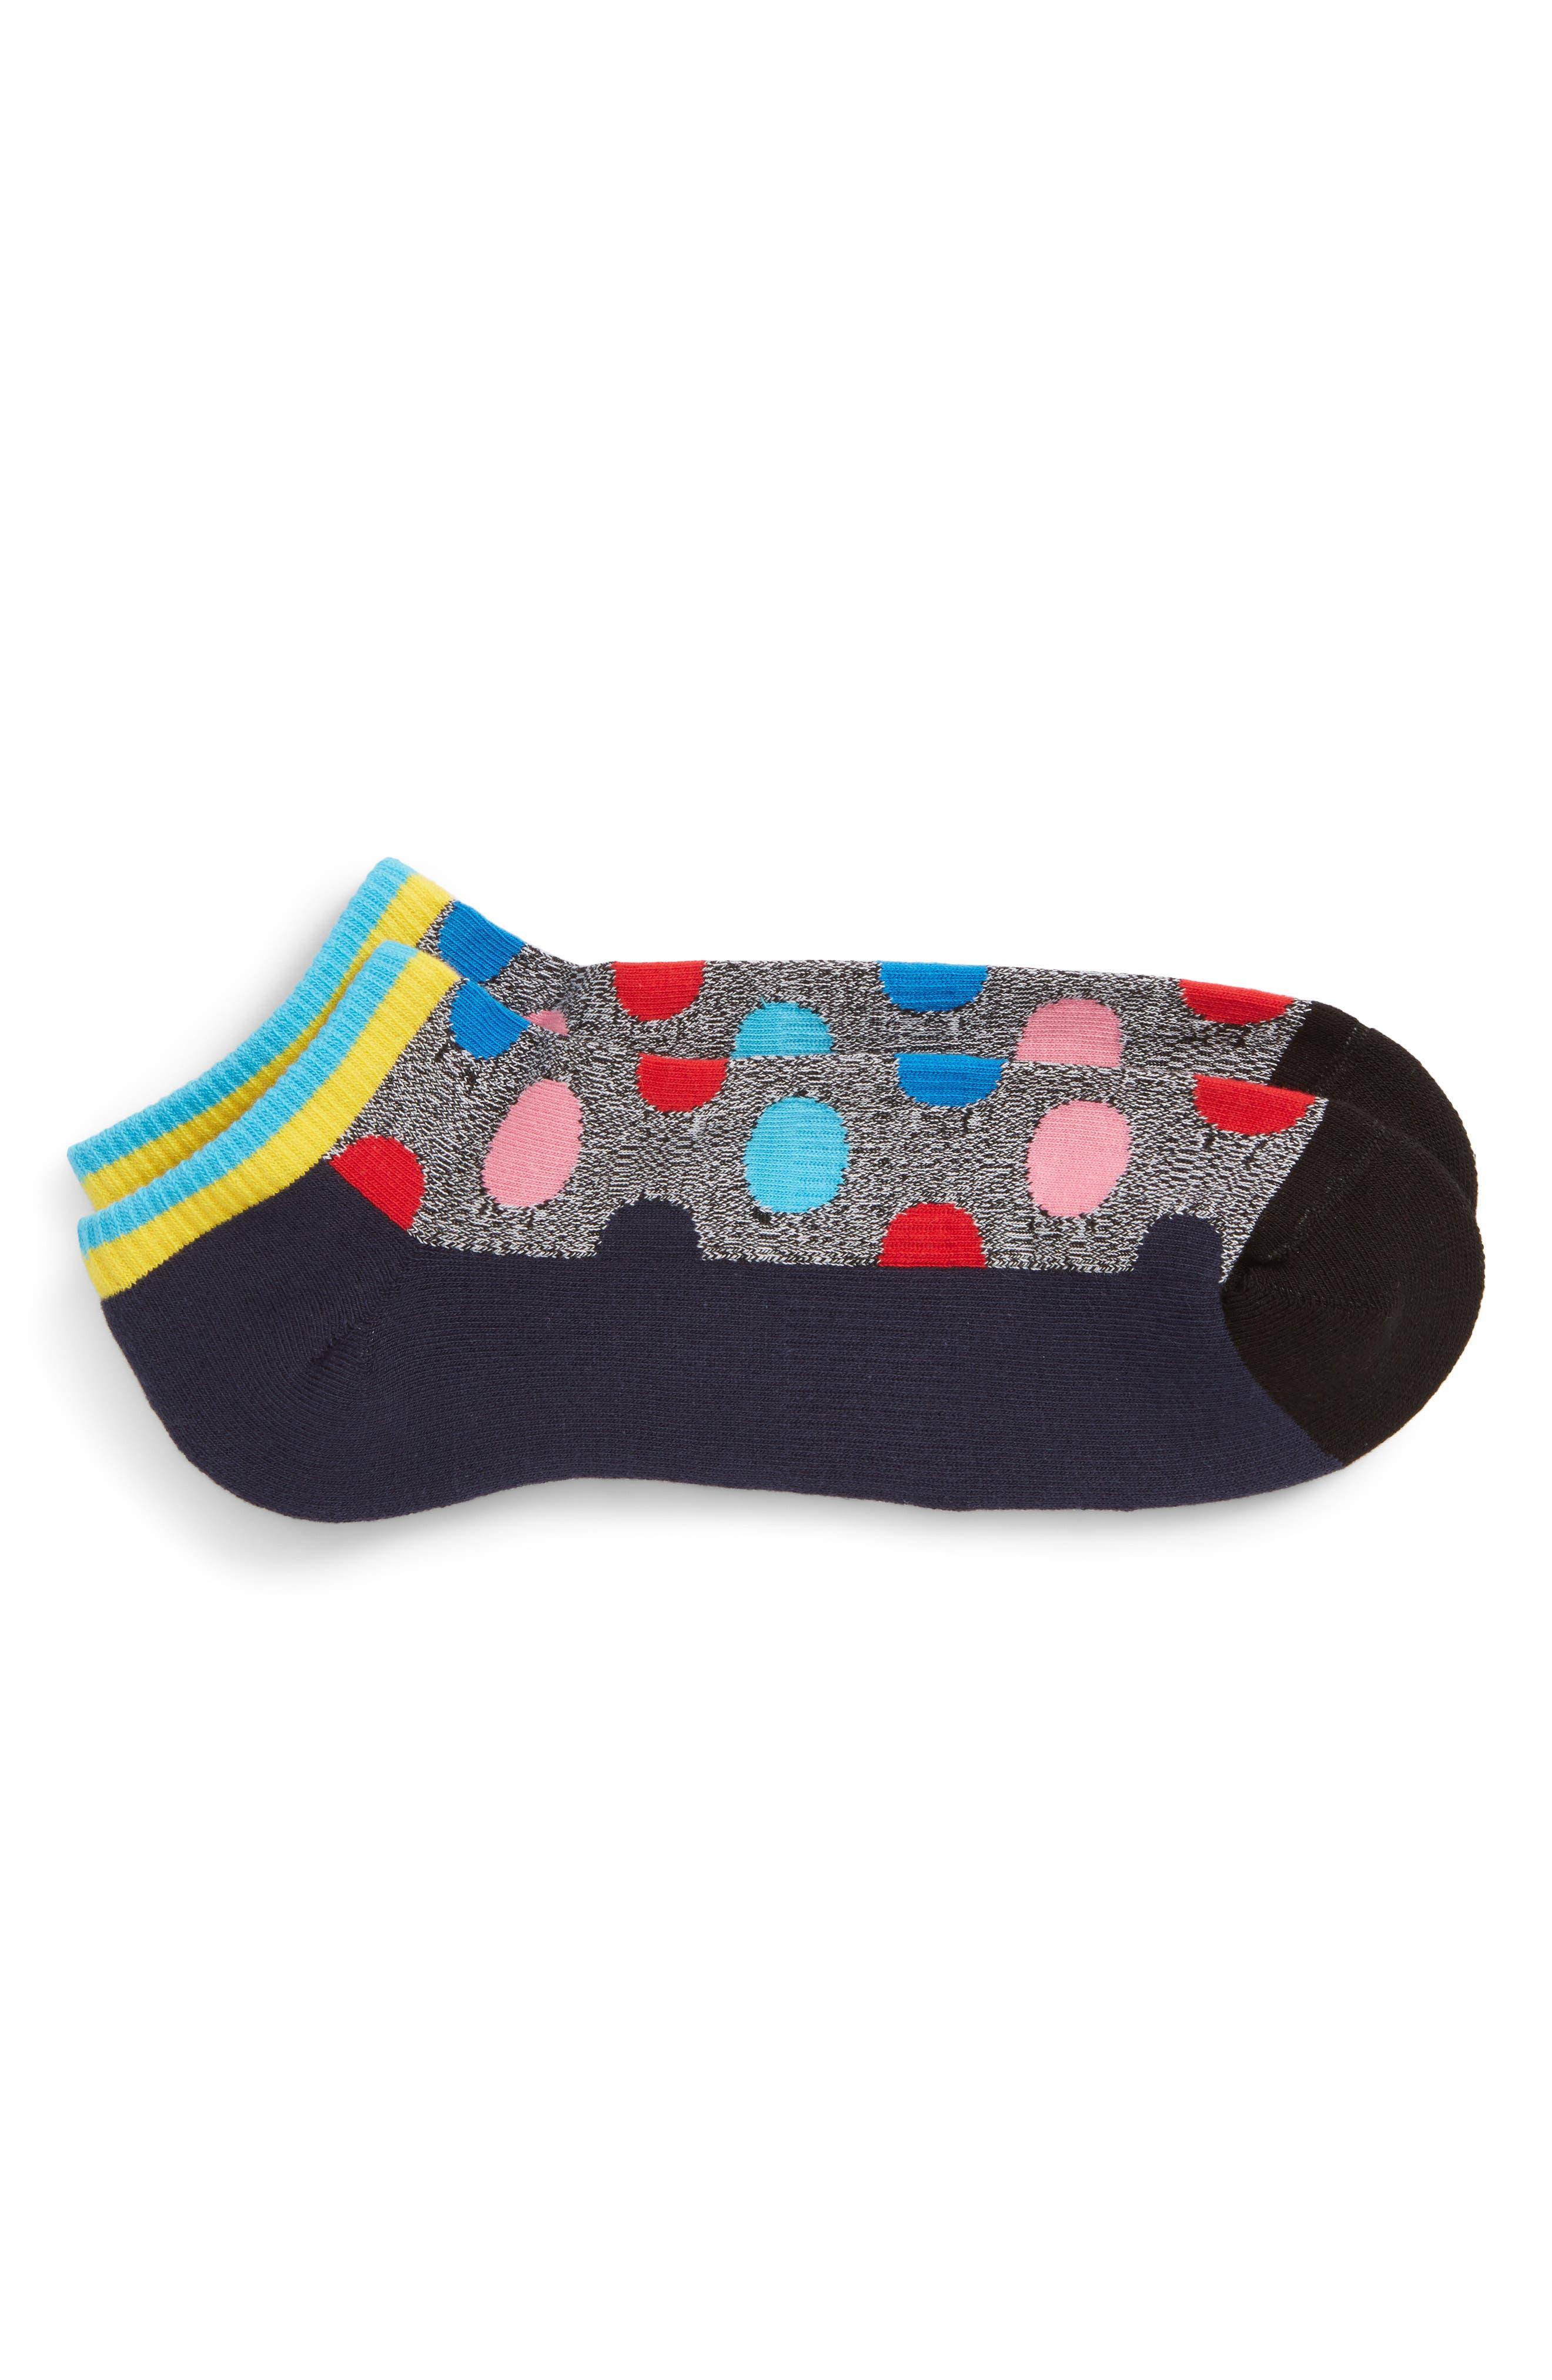 Big Dot Low Cut Socks,                         Main,                         color, Grey Multi